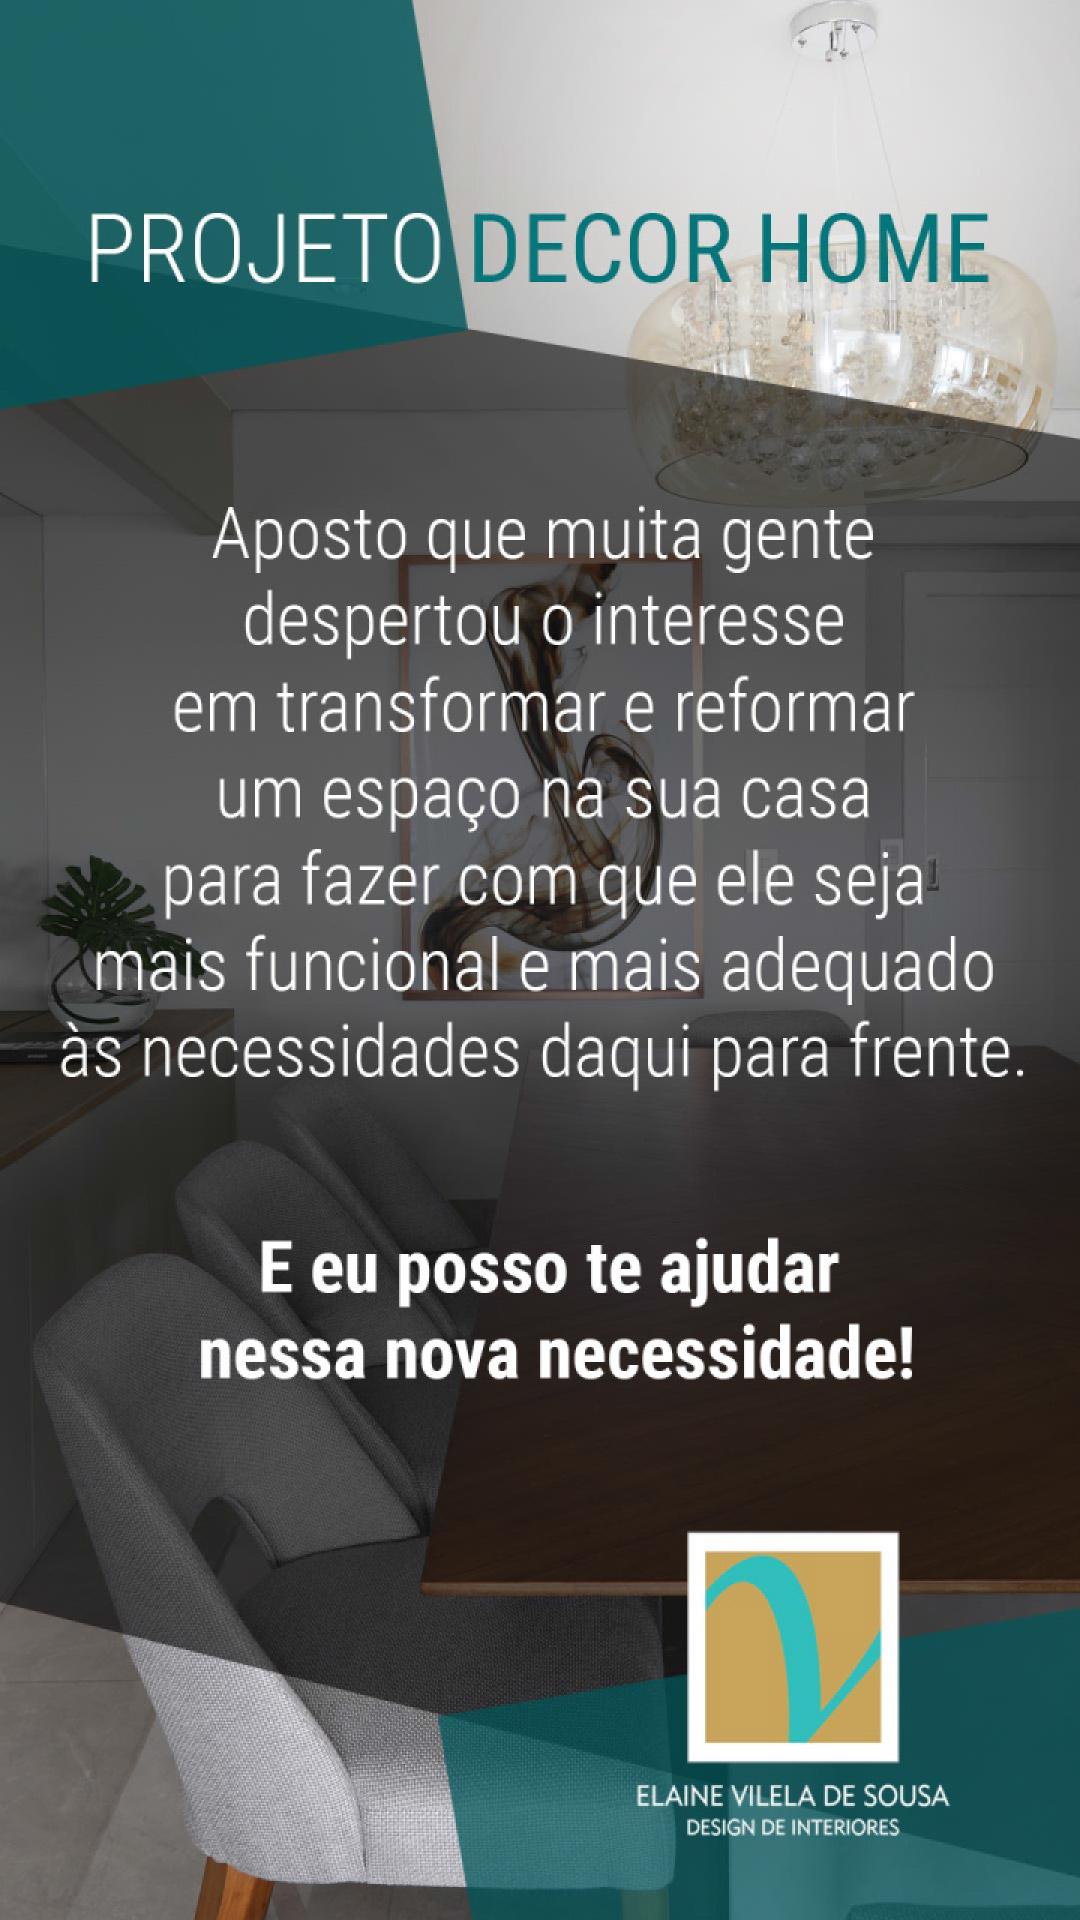 Projeto-Decor-Home---Elaine-Vilela-de-Sousa-2